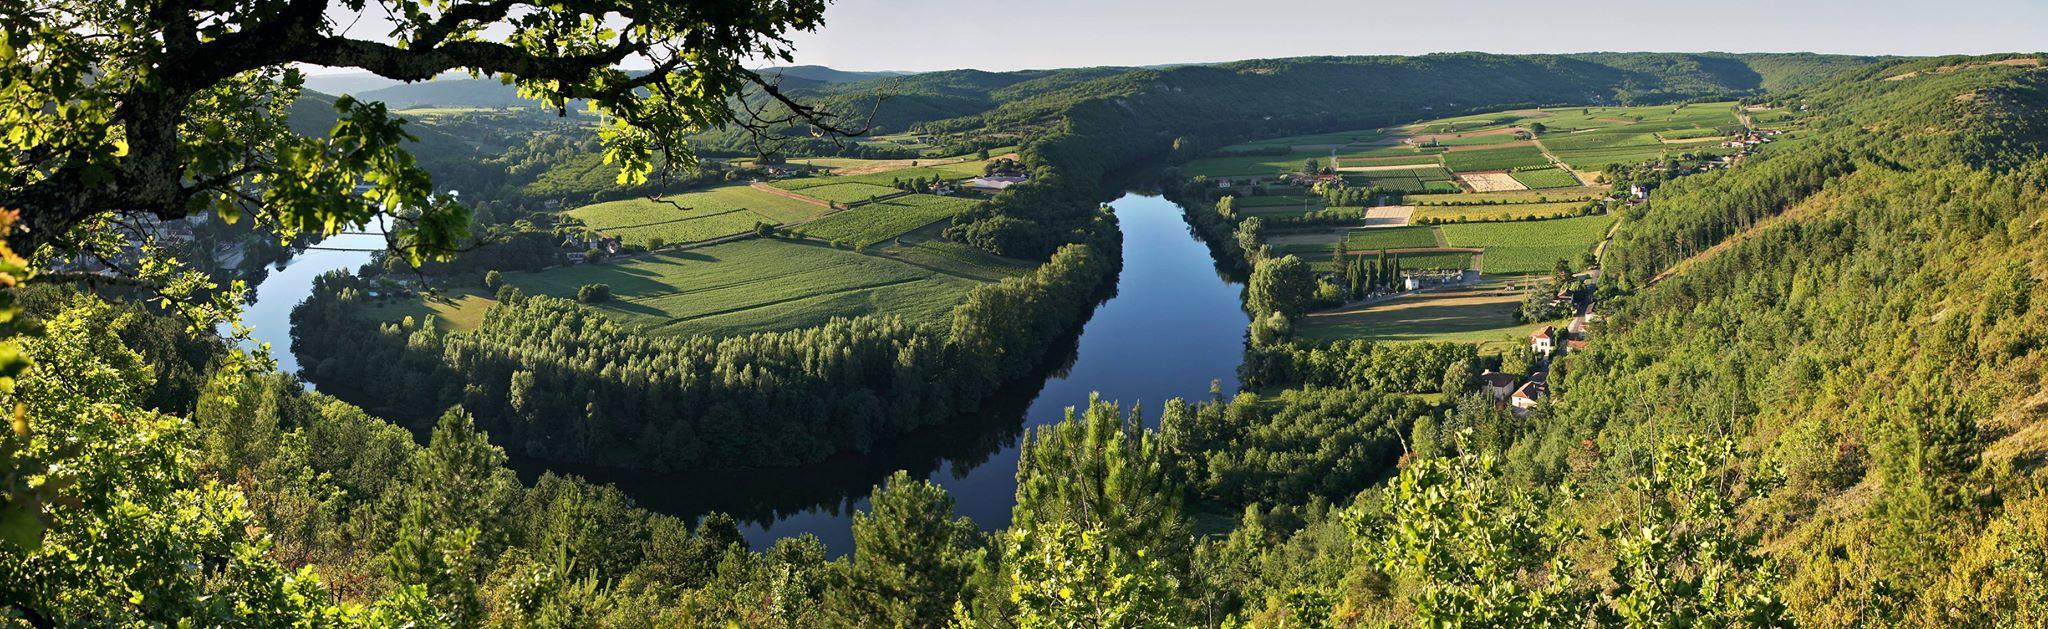 Cahors wijnvelden